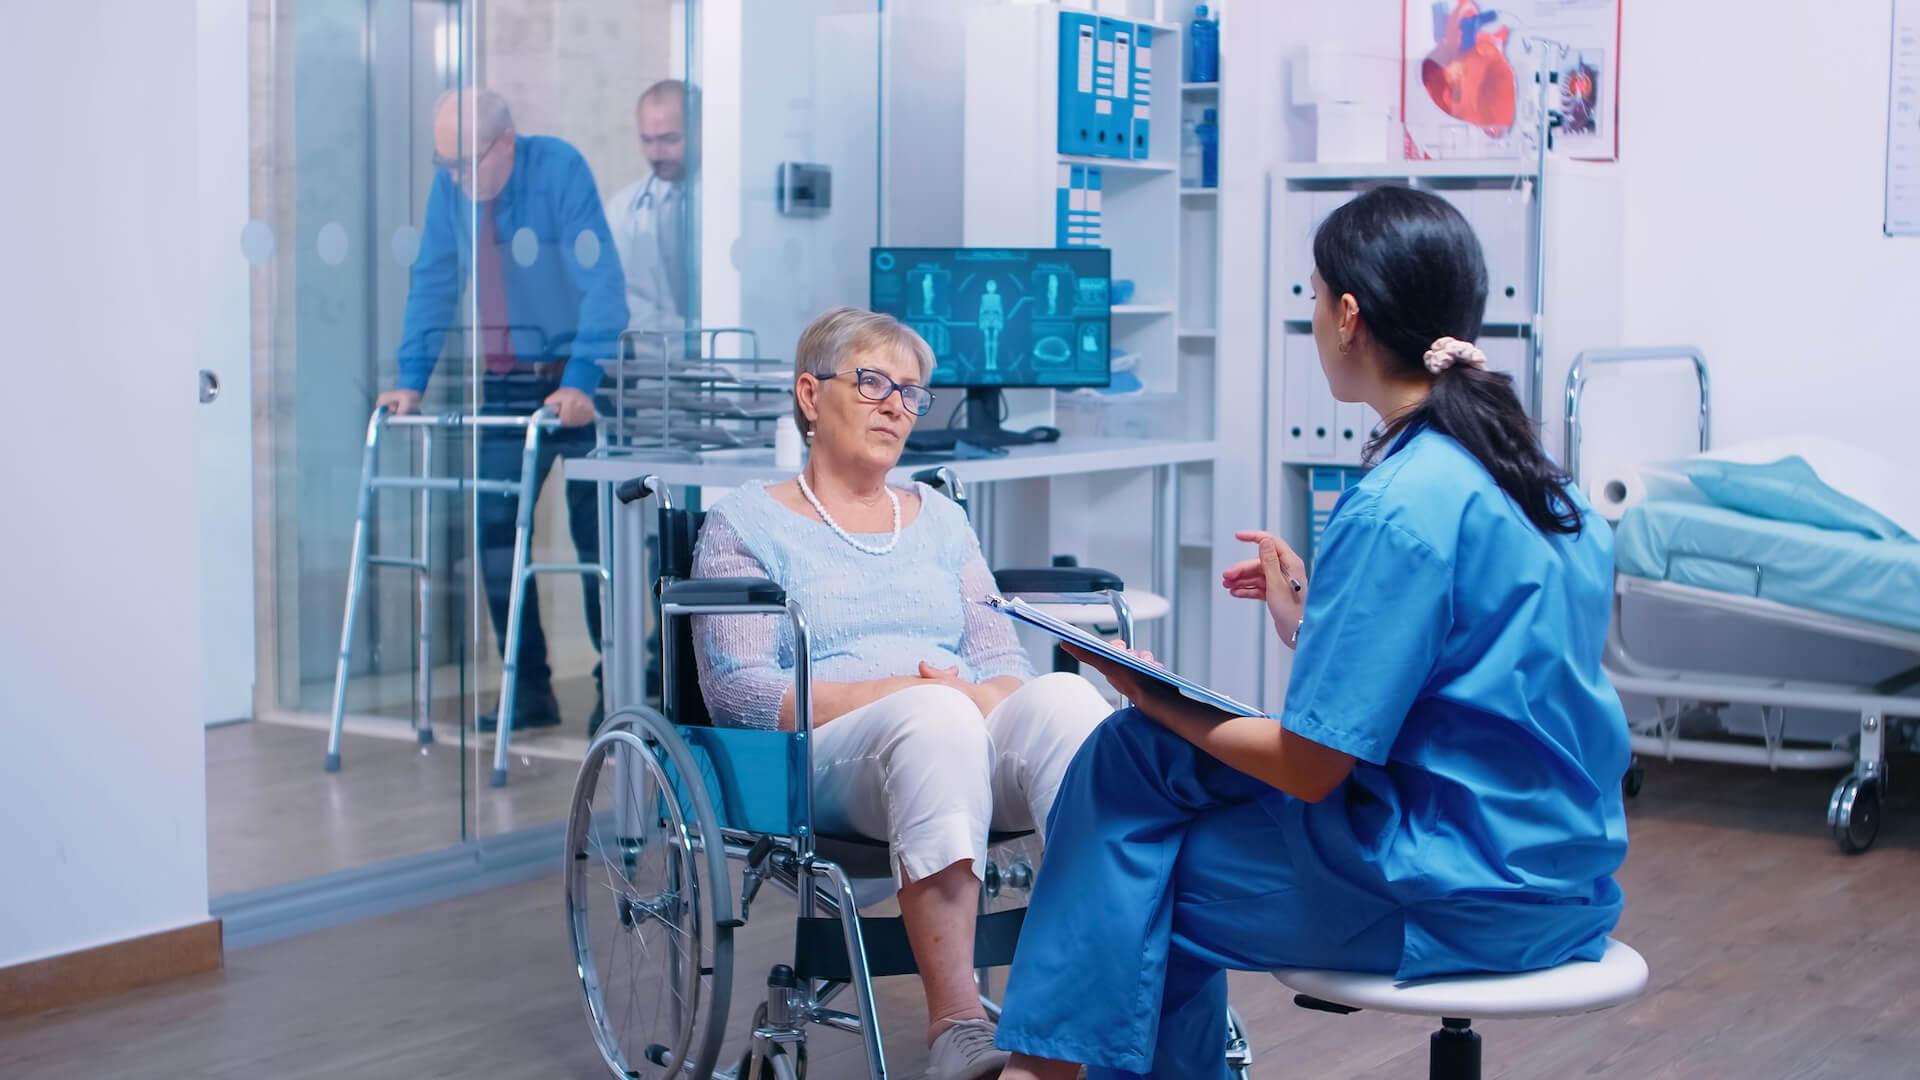 Az agyi infarktus rehabilitációjában a fizikai képességek visszaszerzésén van a hangsúly.